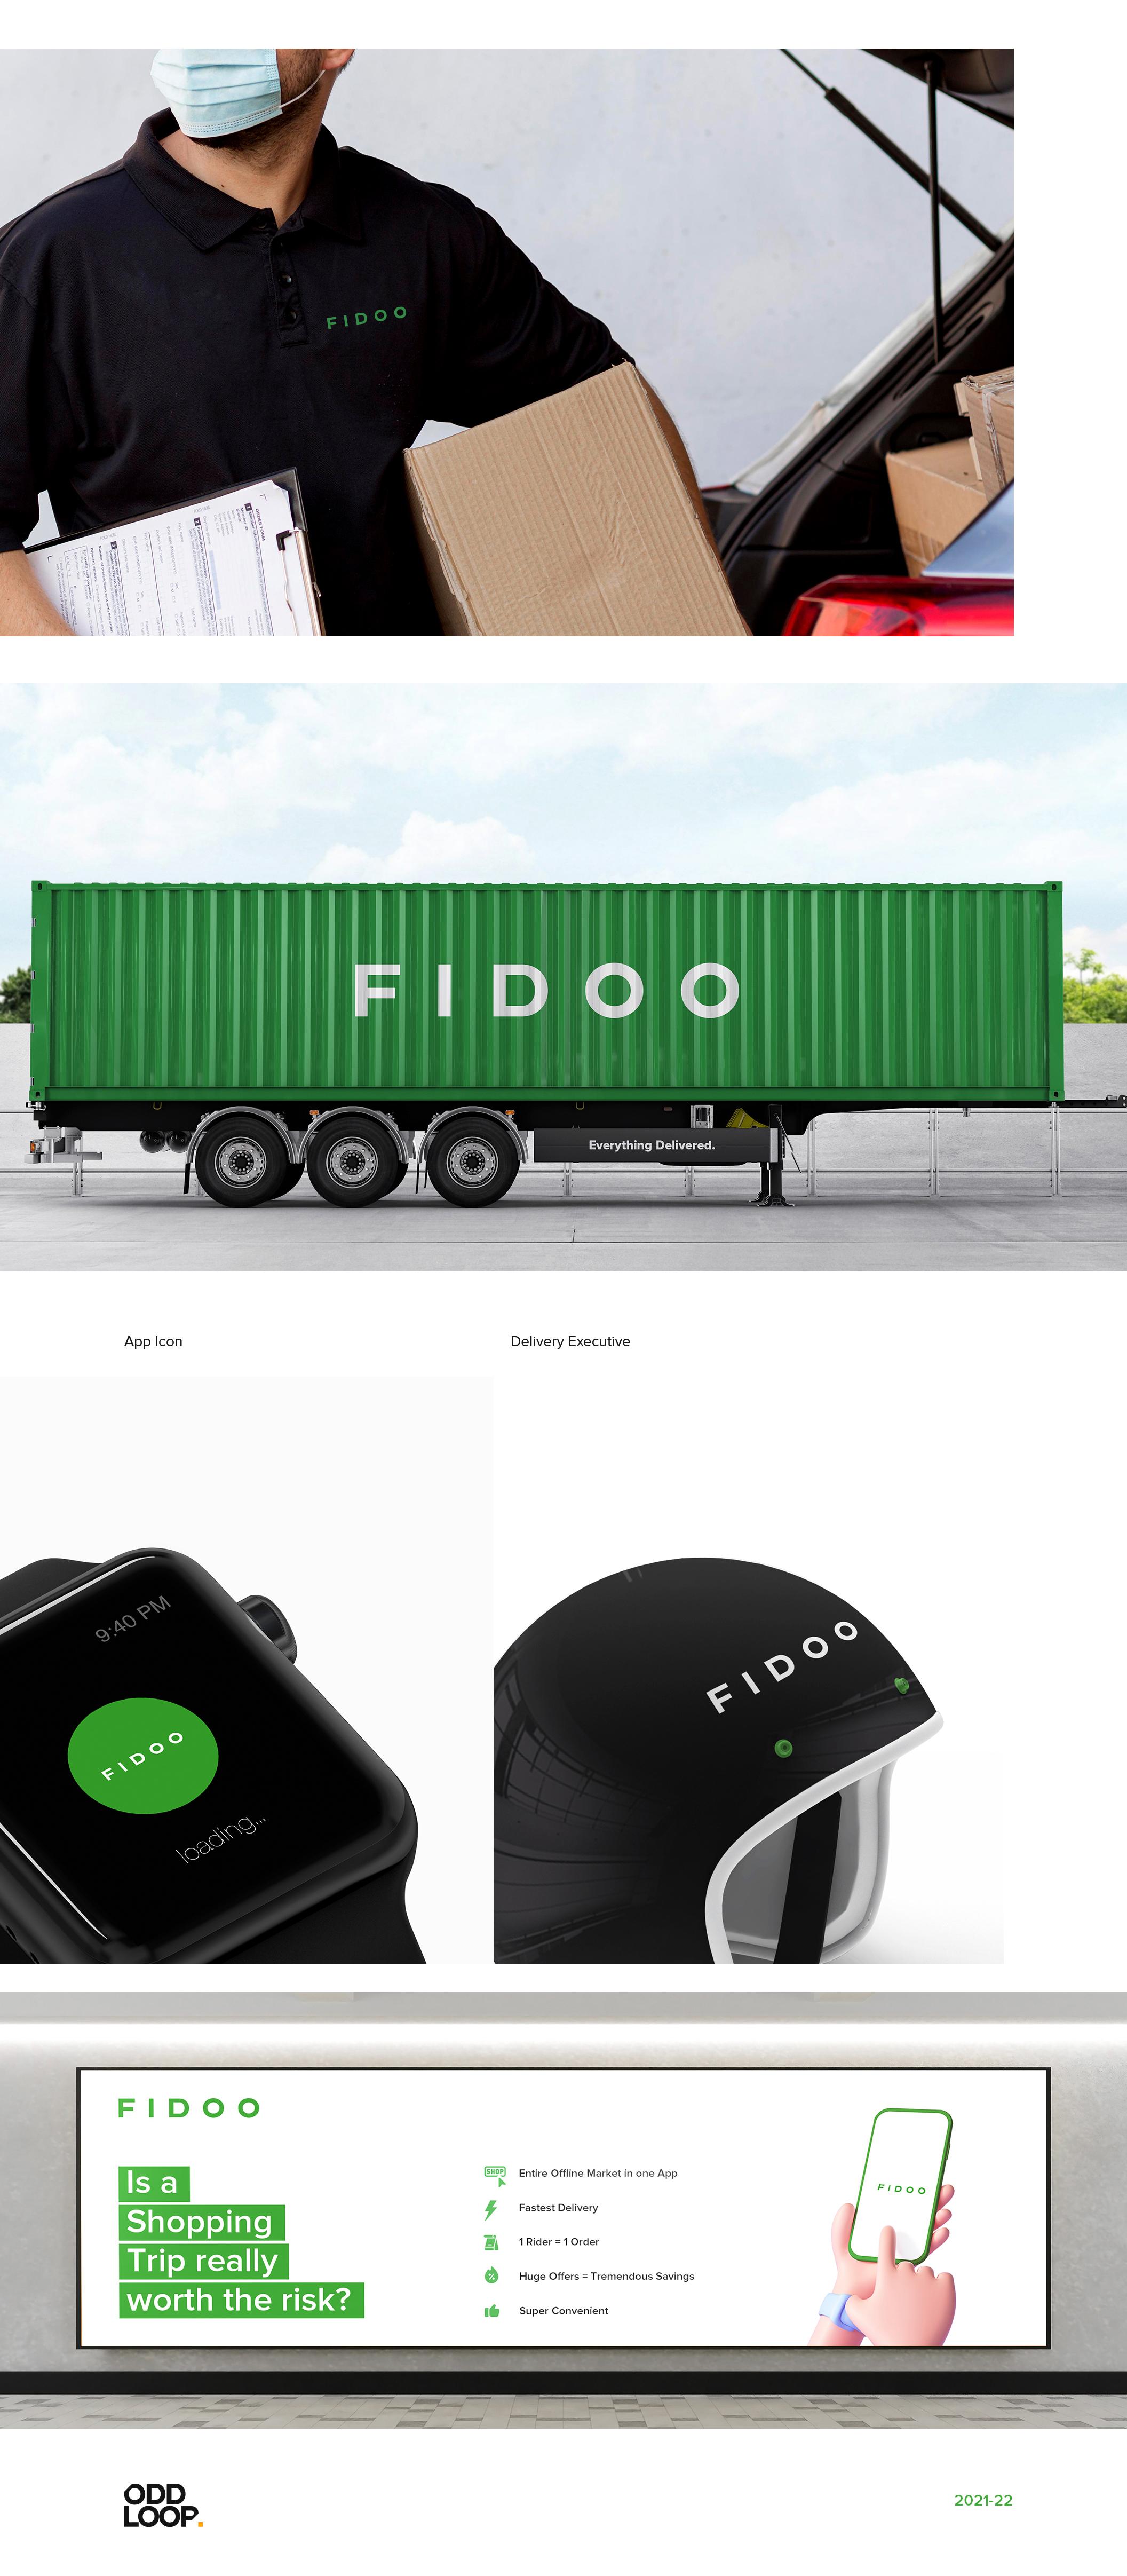 FIDOO_4